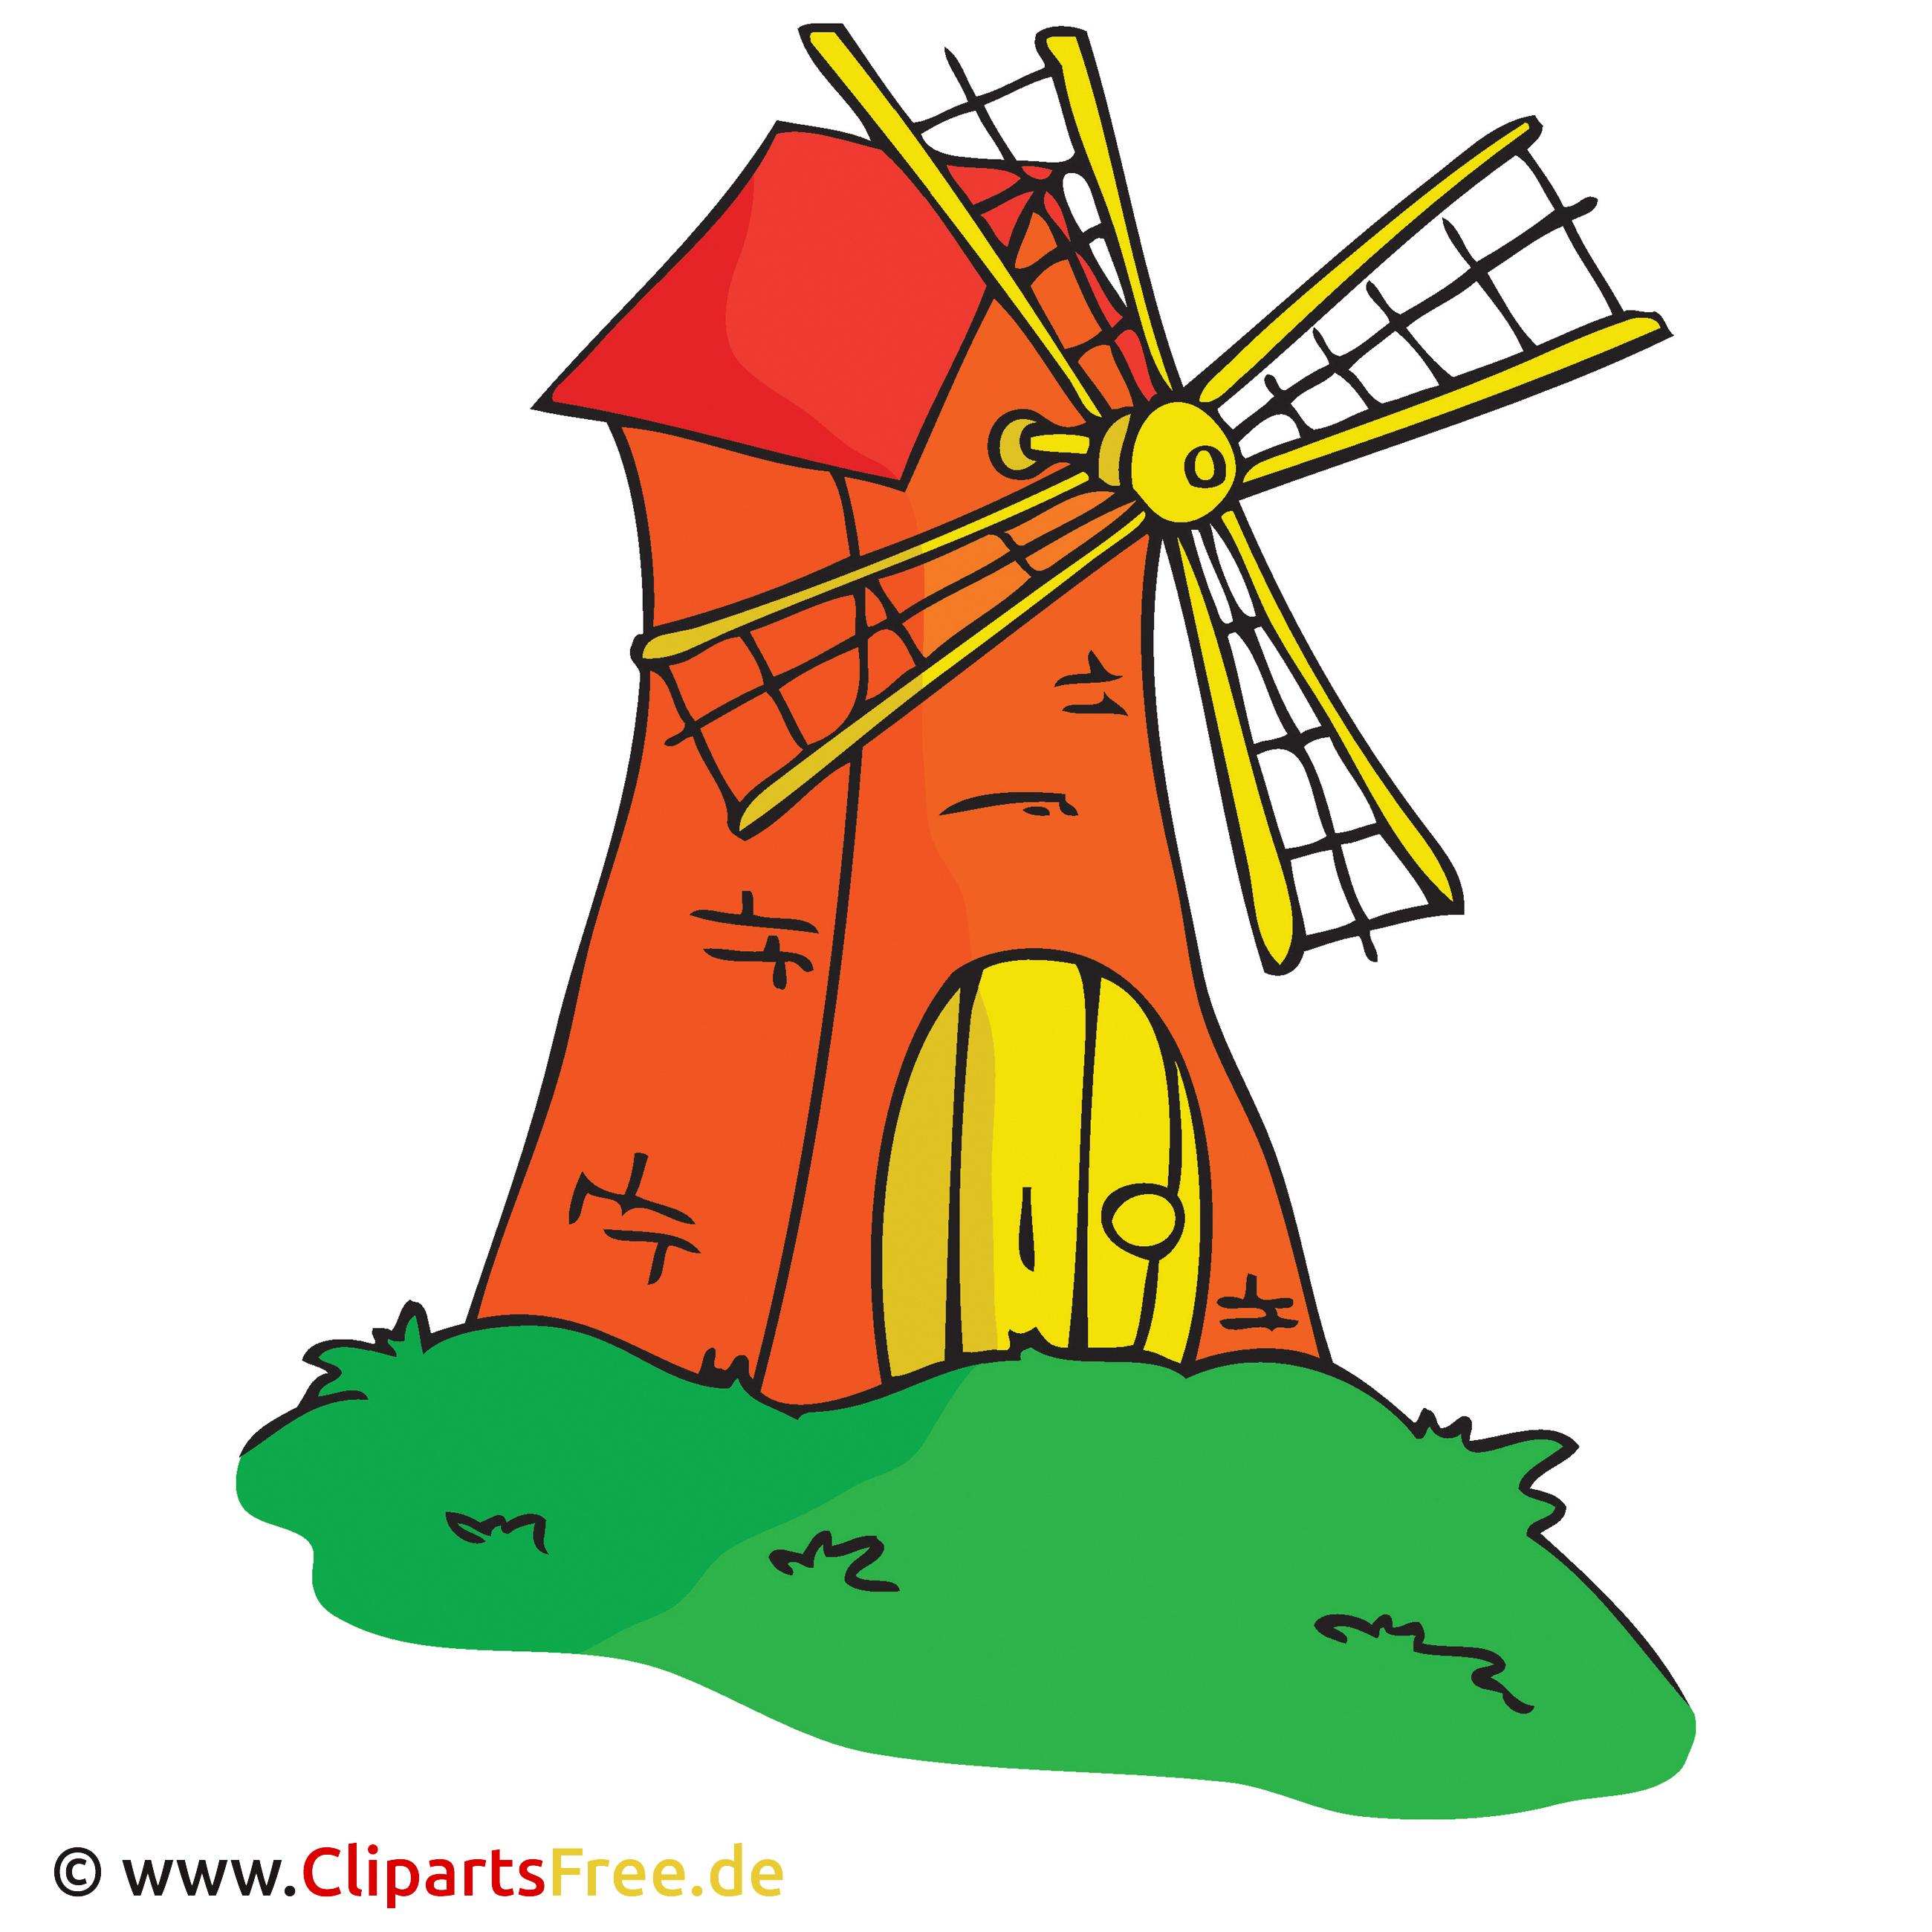 Windmühle Bild, Cartoon, Clipart, Grafik, Illustration